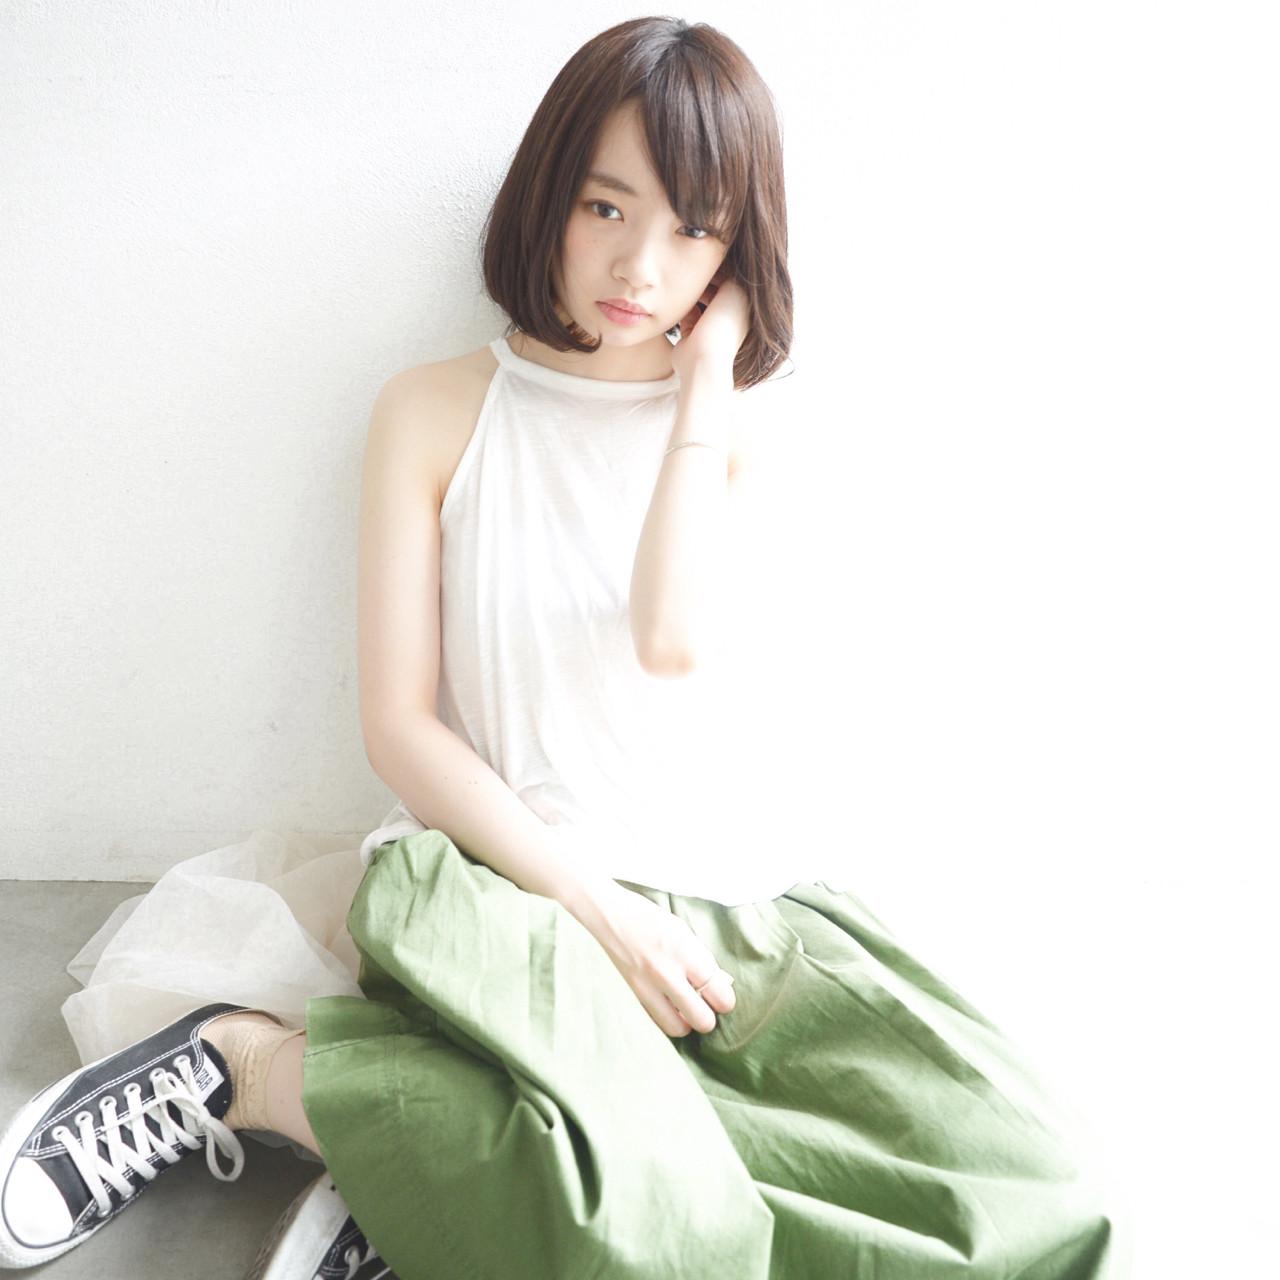 アースカラーを髪色にも。ヘアスタイルもナチュラル可愛く♡ yuuta inoue/vicca 'ekolu